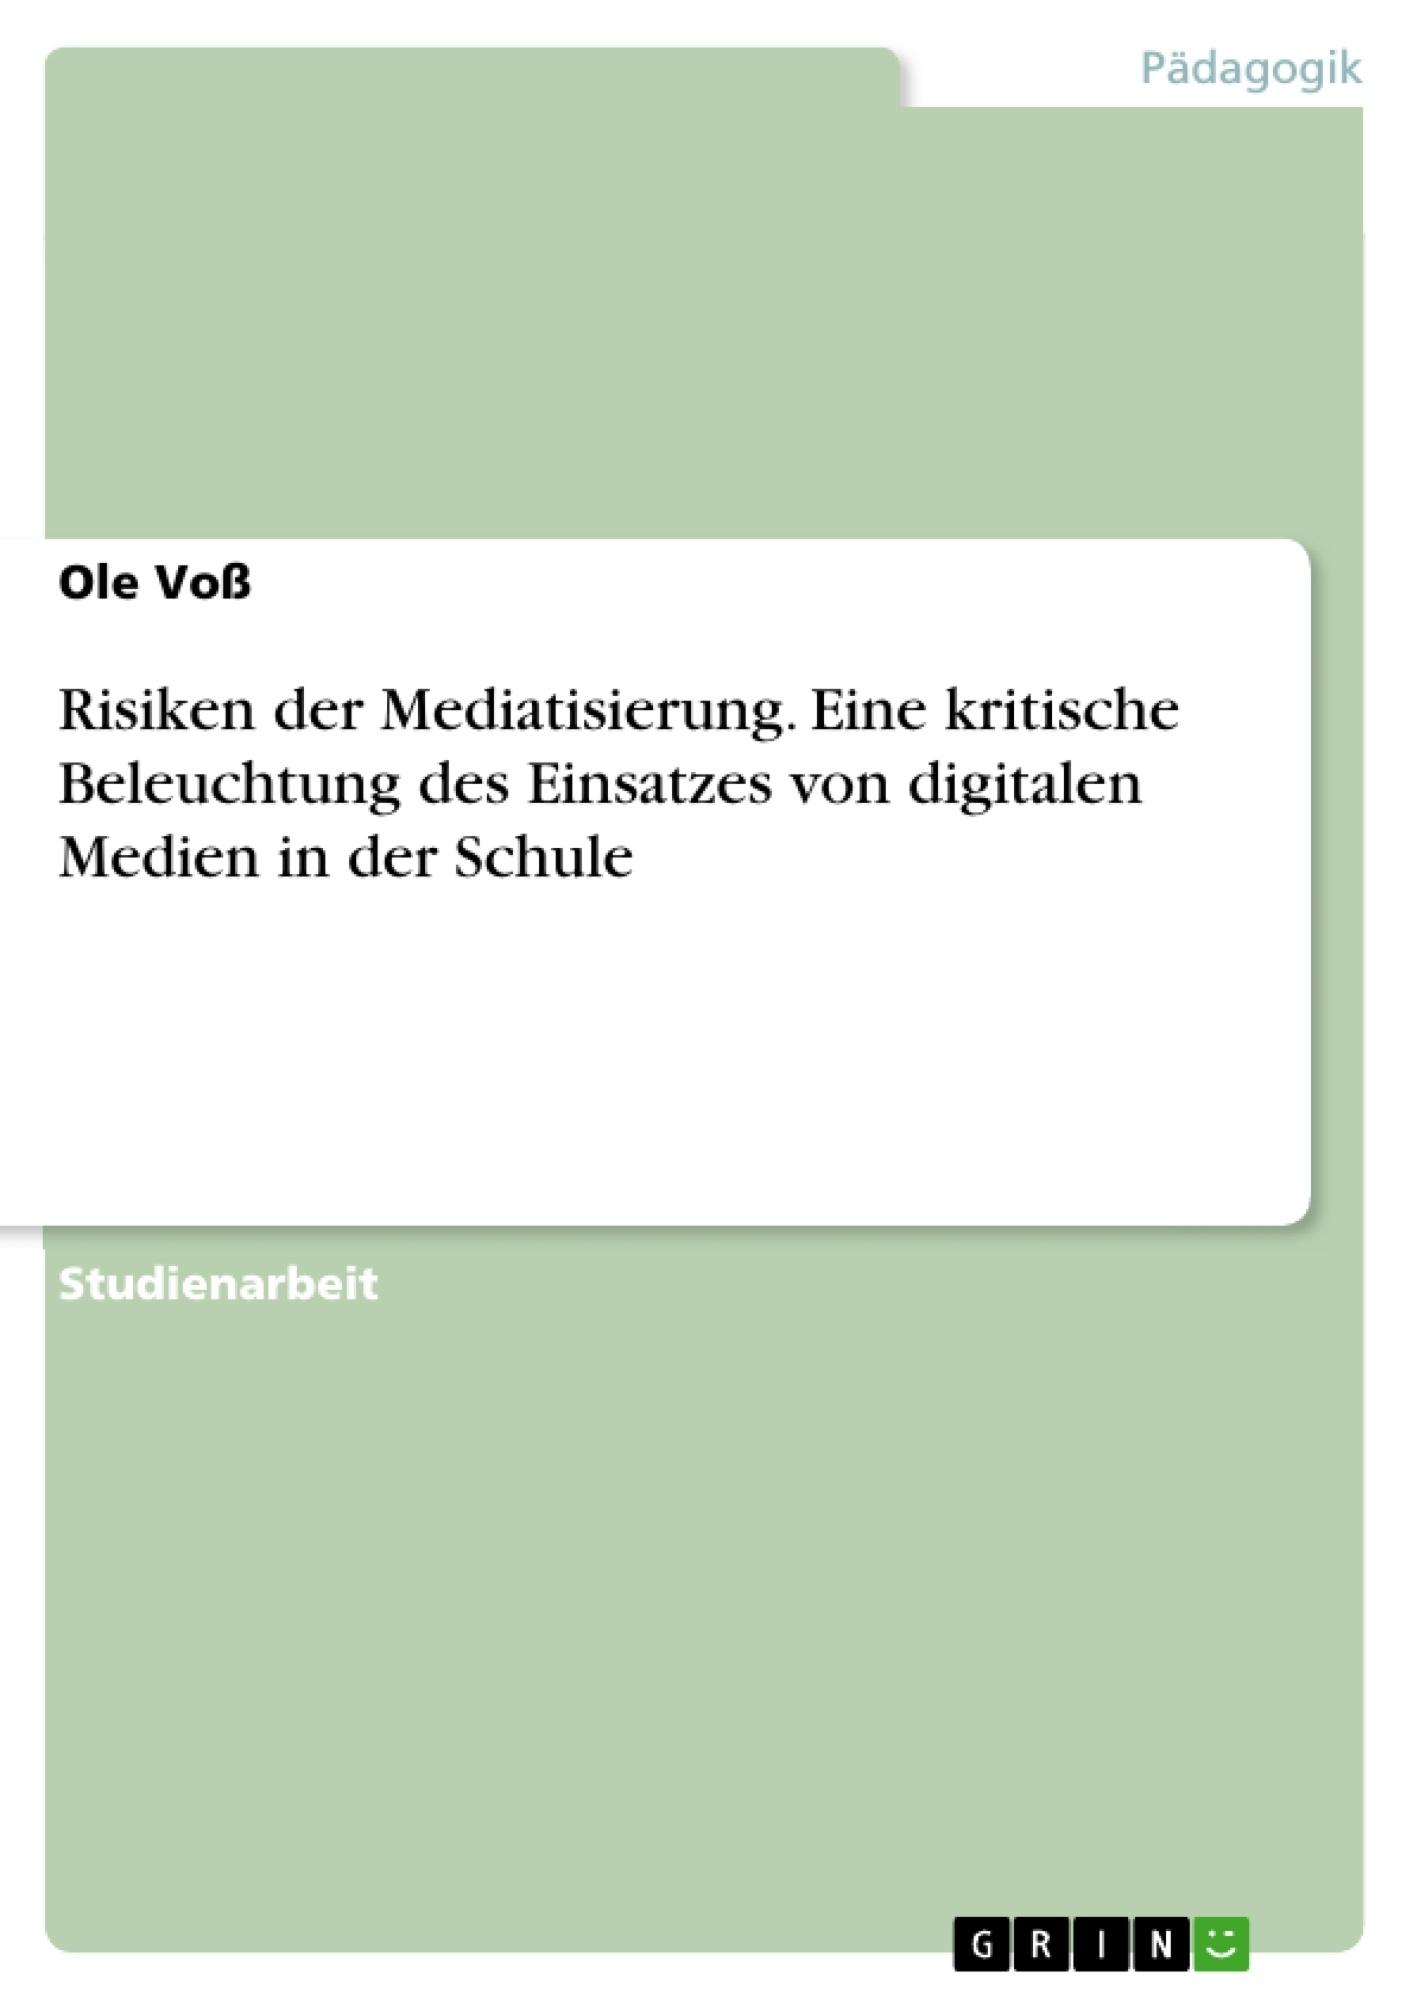 Titel: Risiken der Mediatisierung. Eine kritische Beleuchtung des Einsatzes von digitalen Medien in der Schule